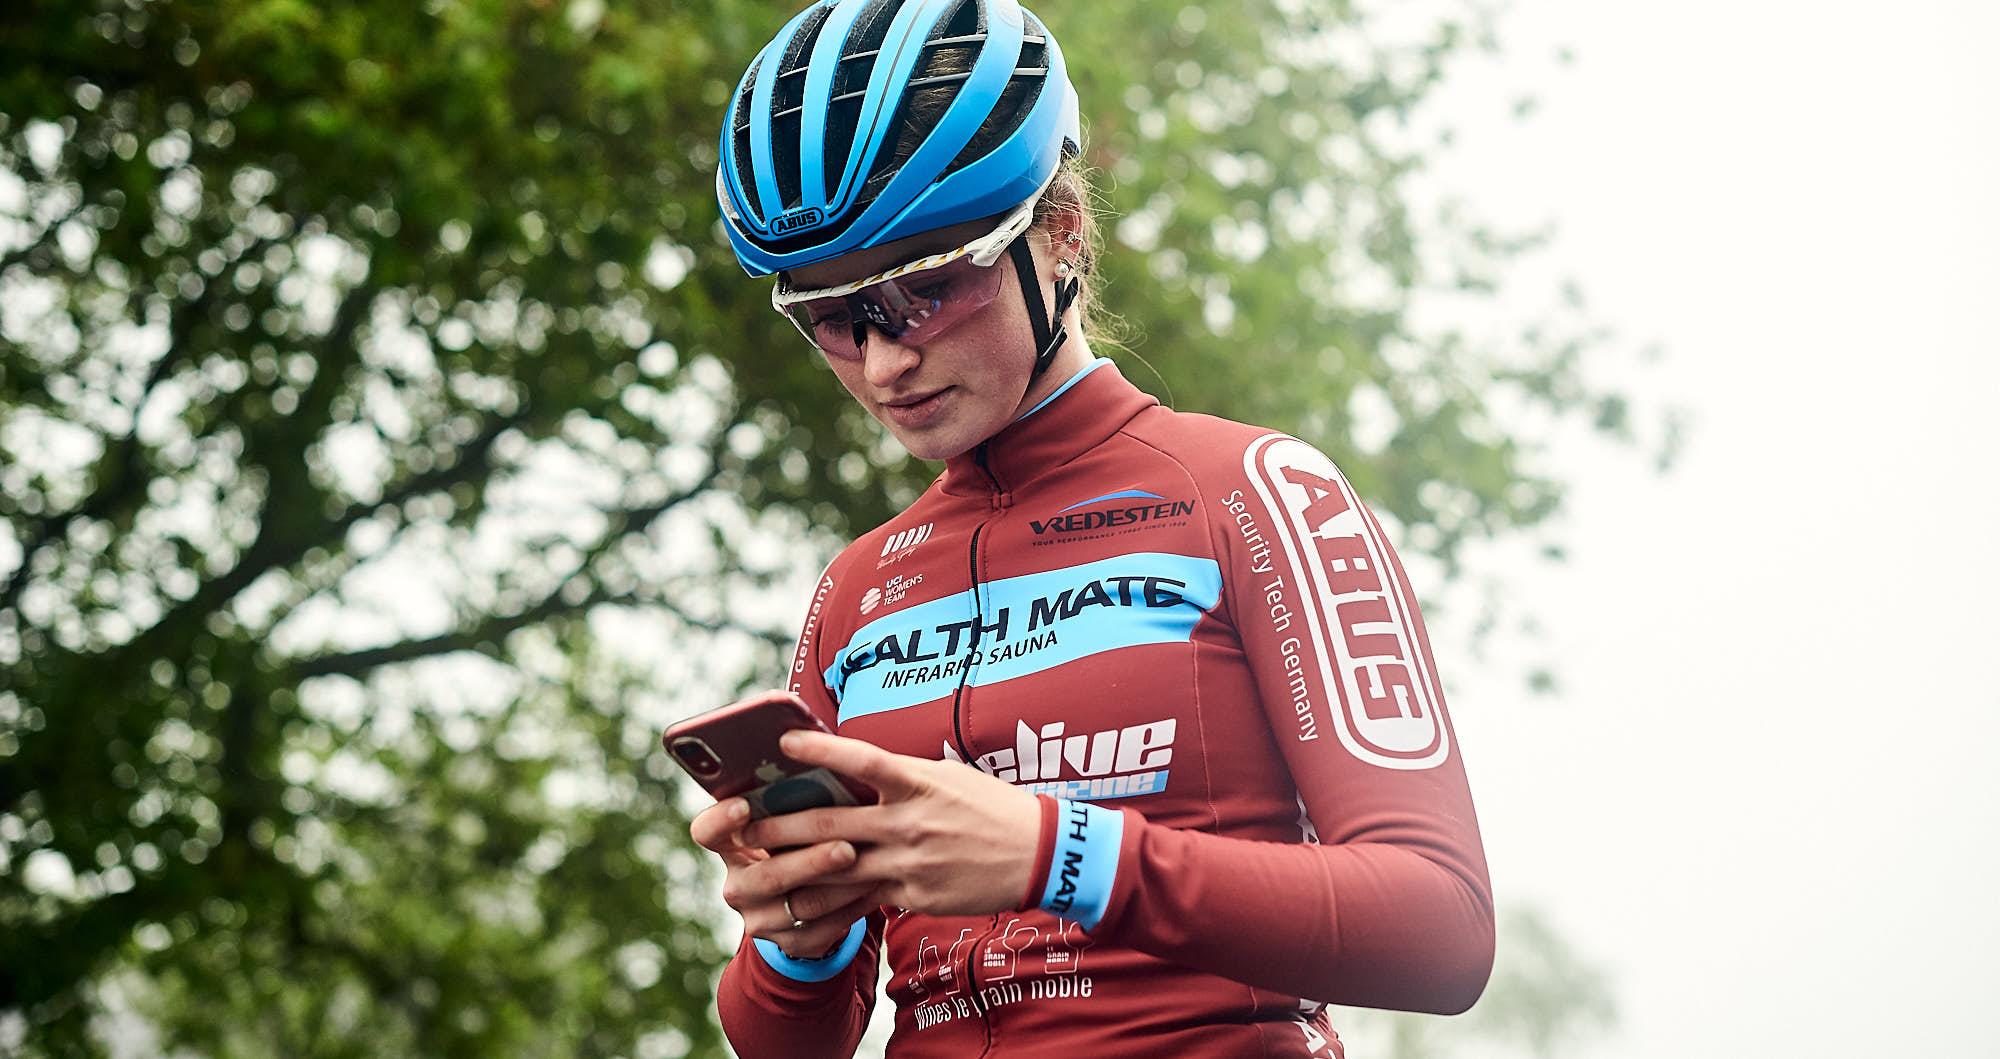 Elodie Kuijper setting her phone for training